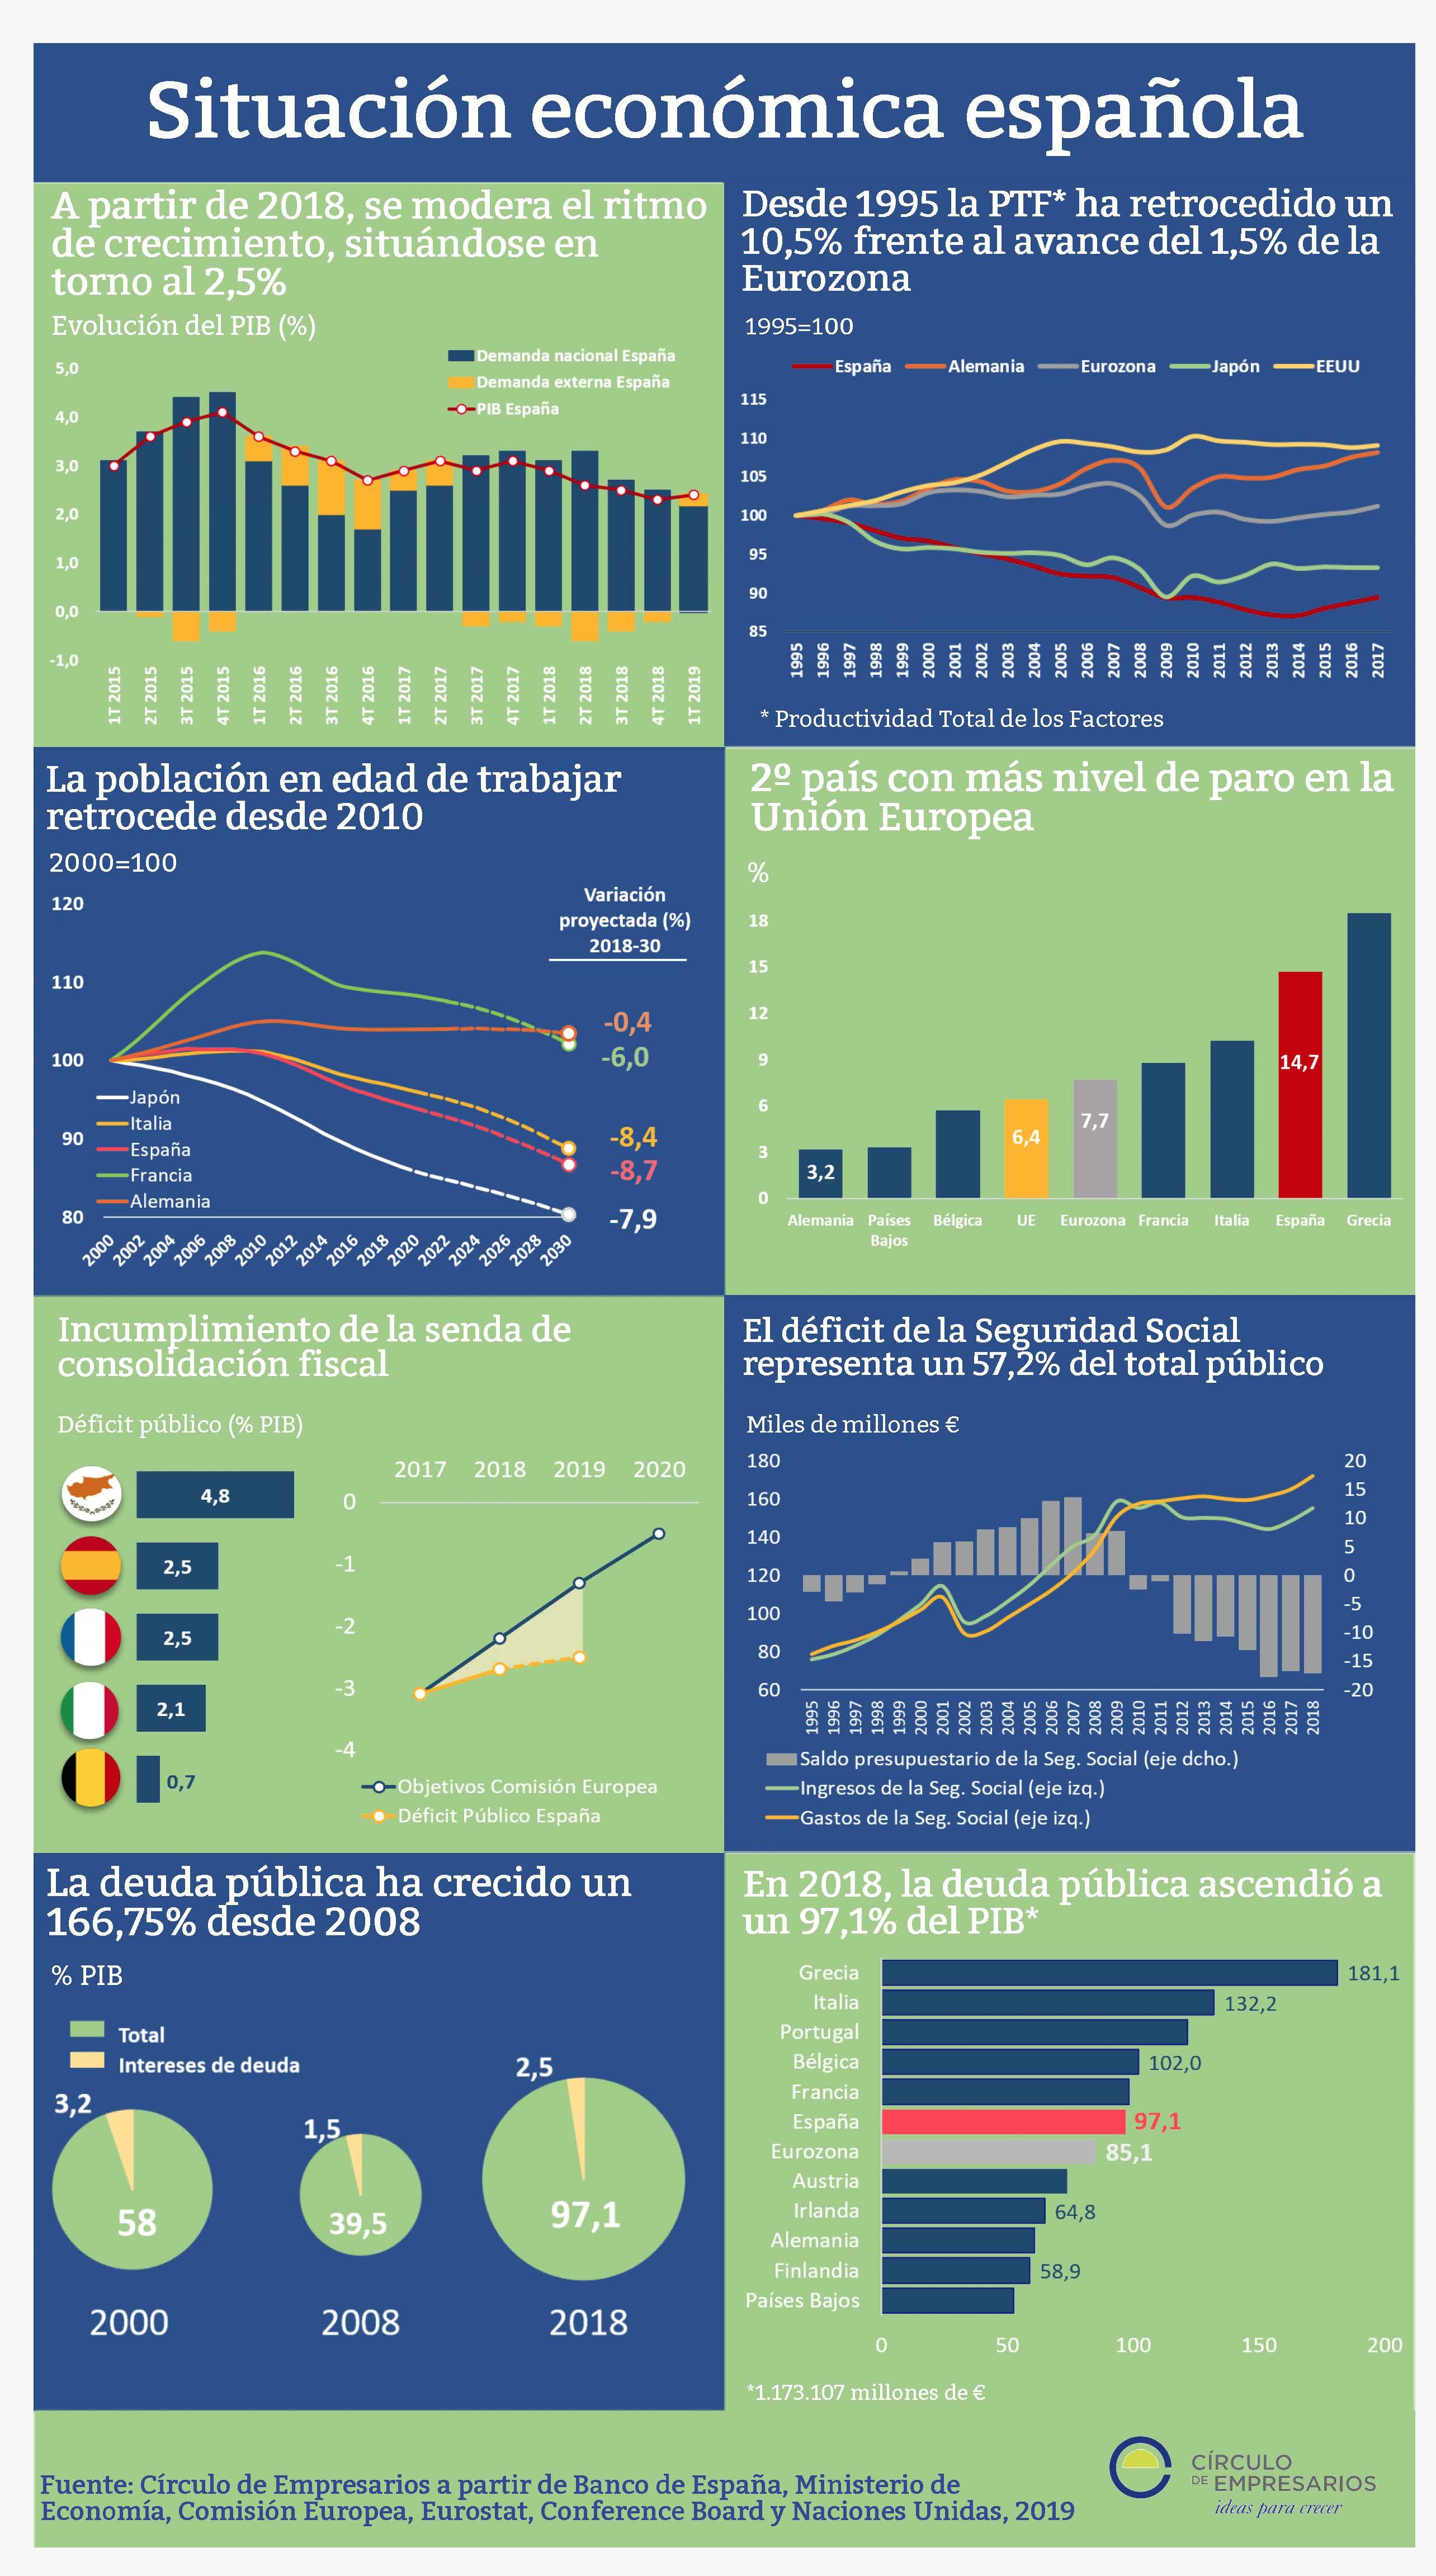 Situación de la economía española (Infografía)